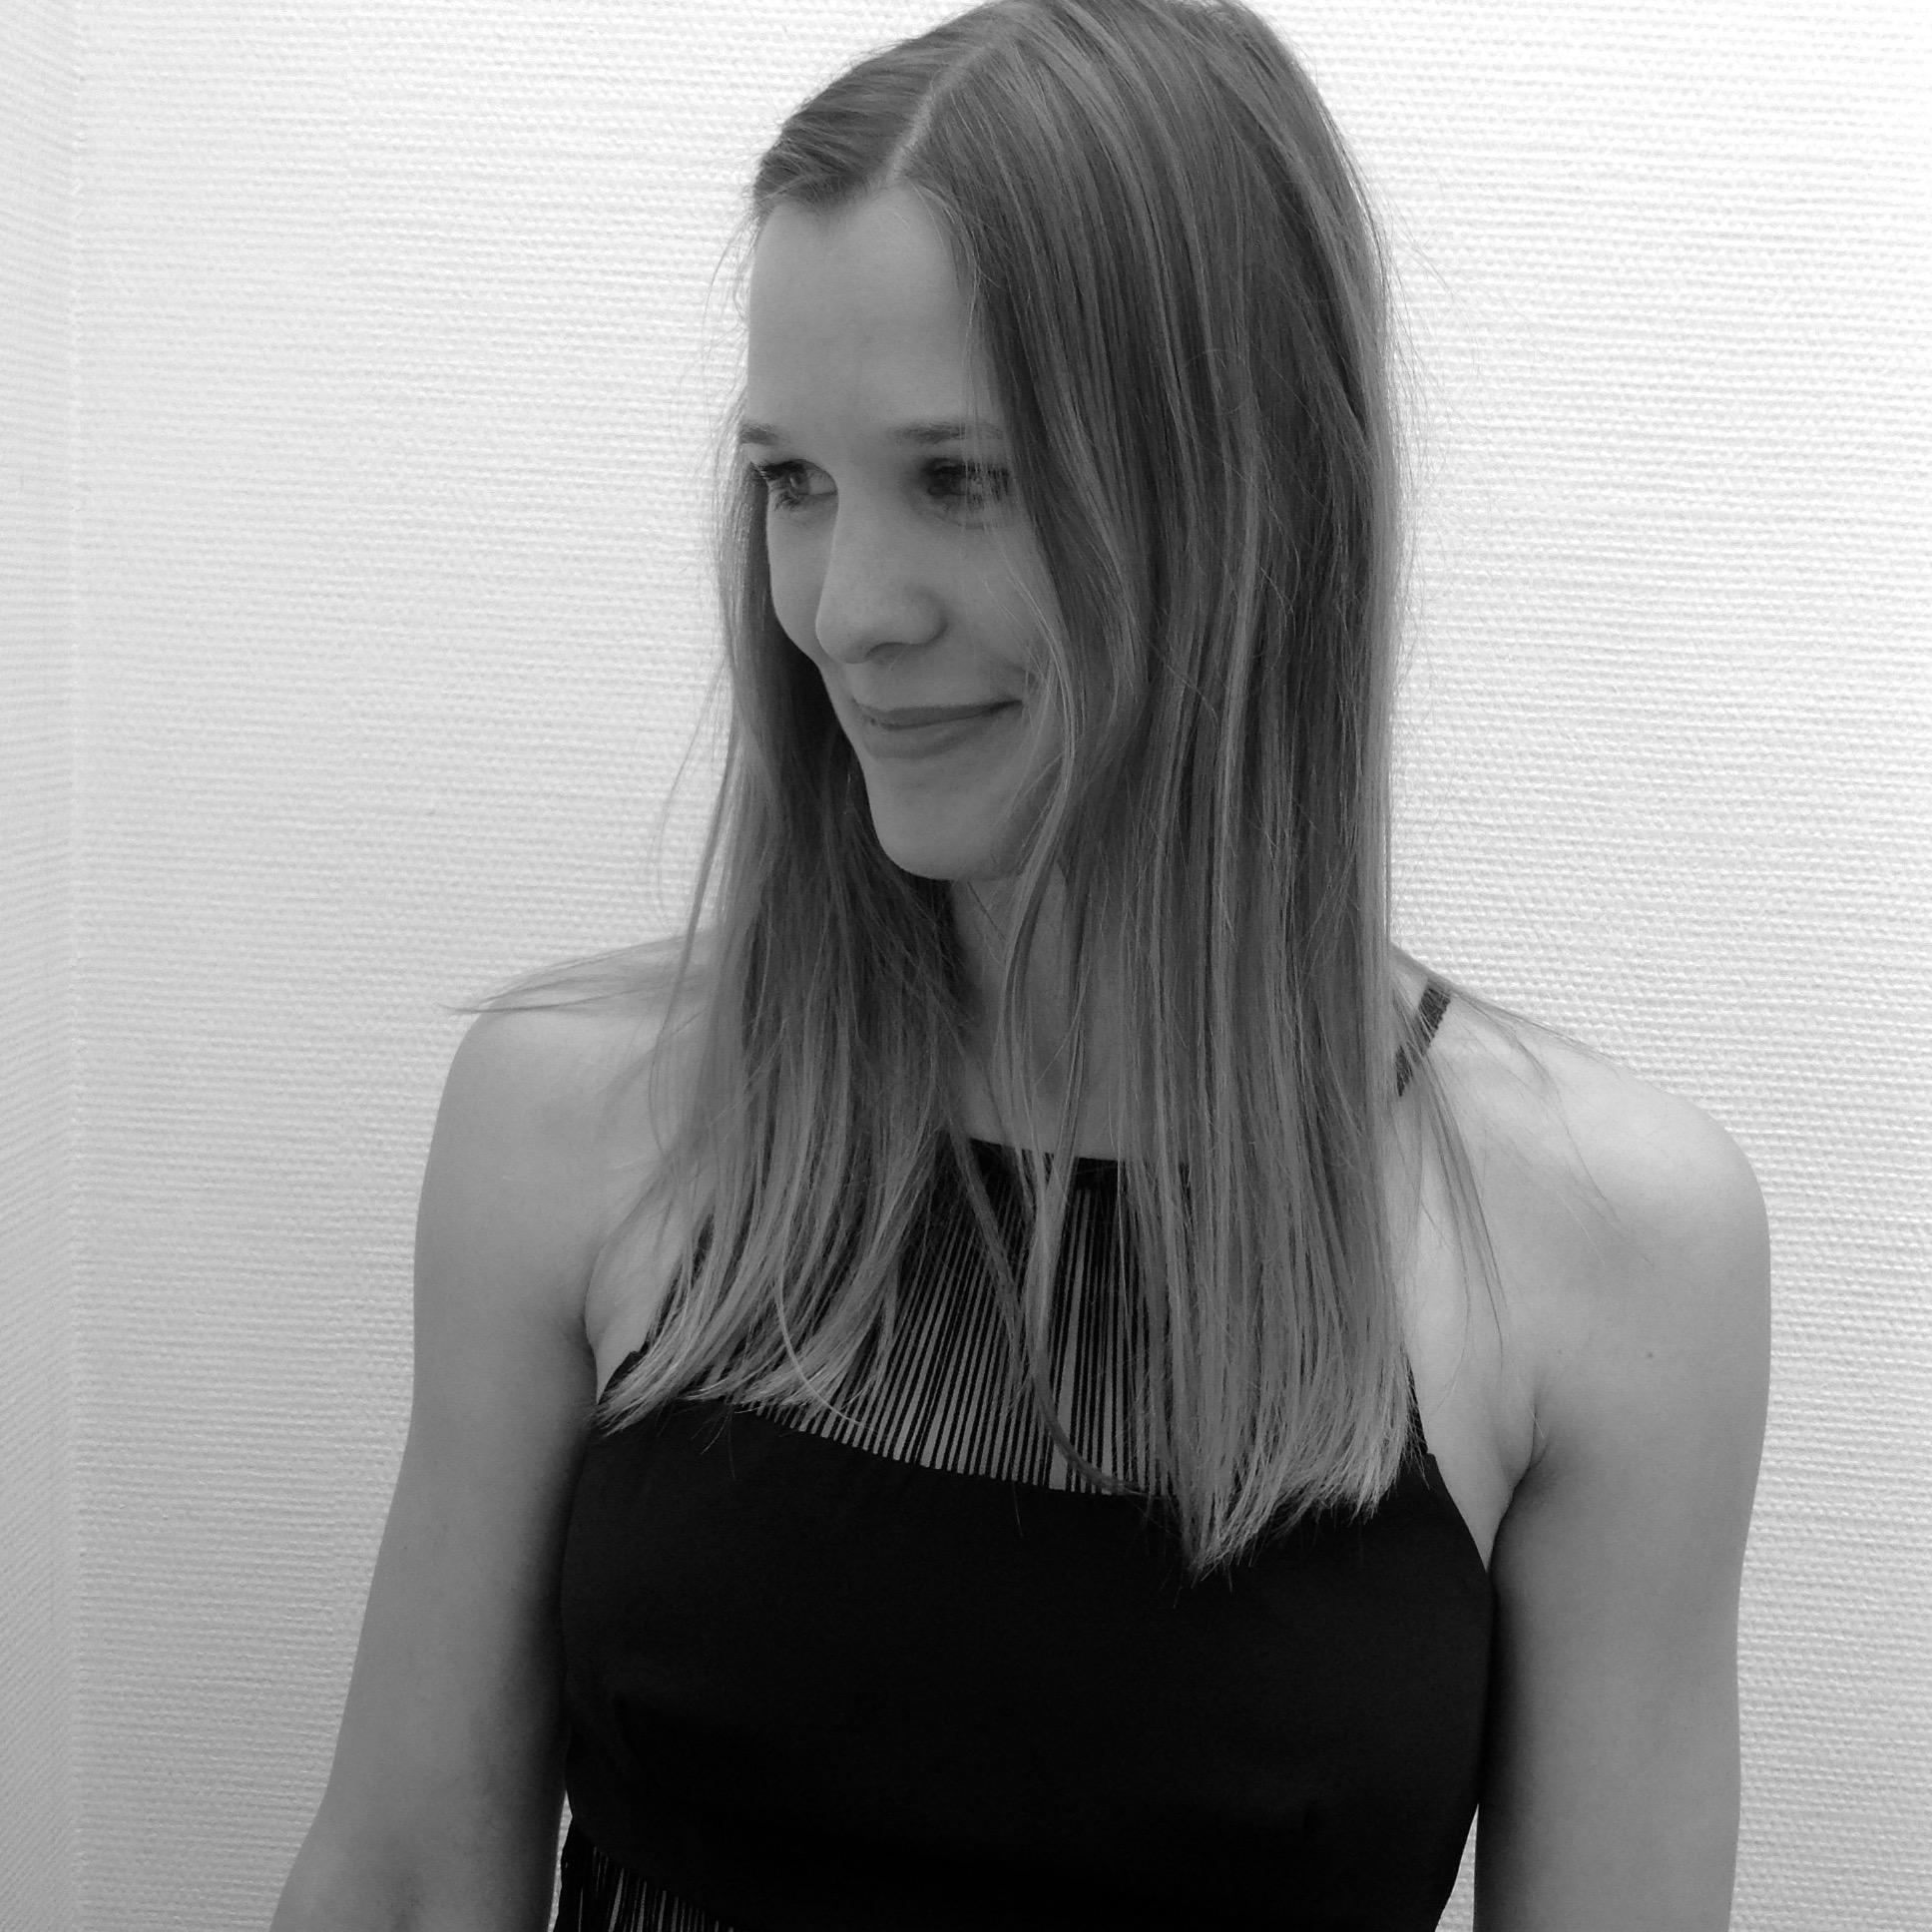 Kristina aus Hamburg Haarfarbe: blond (dunkel), Augenfarbe: gr�n-grau, Gr��e: 173, Deutsch: Muttersprache, Englisch: Fliessend, Franz�sisch: leichte Konversation, Spanisch: Fortgeschritten